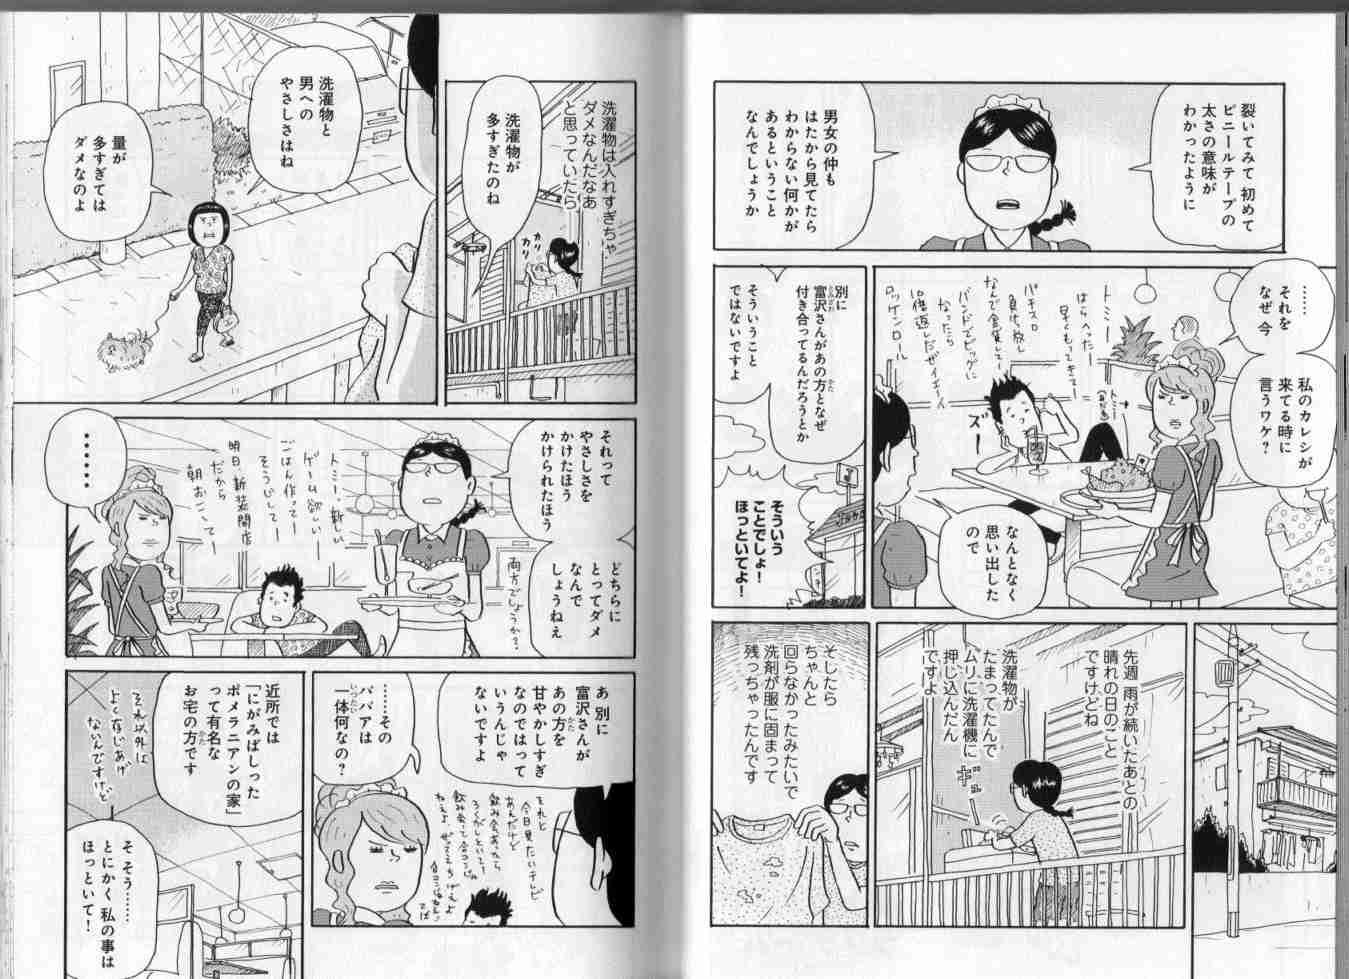 読みたい漫画が見つかるトピ!